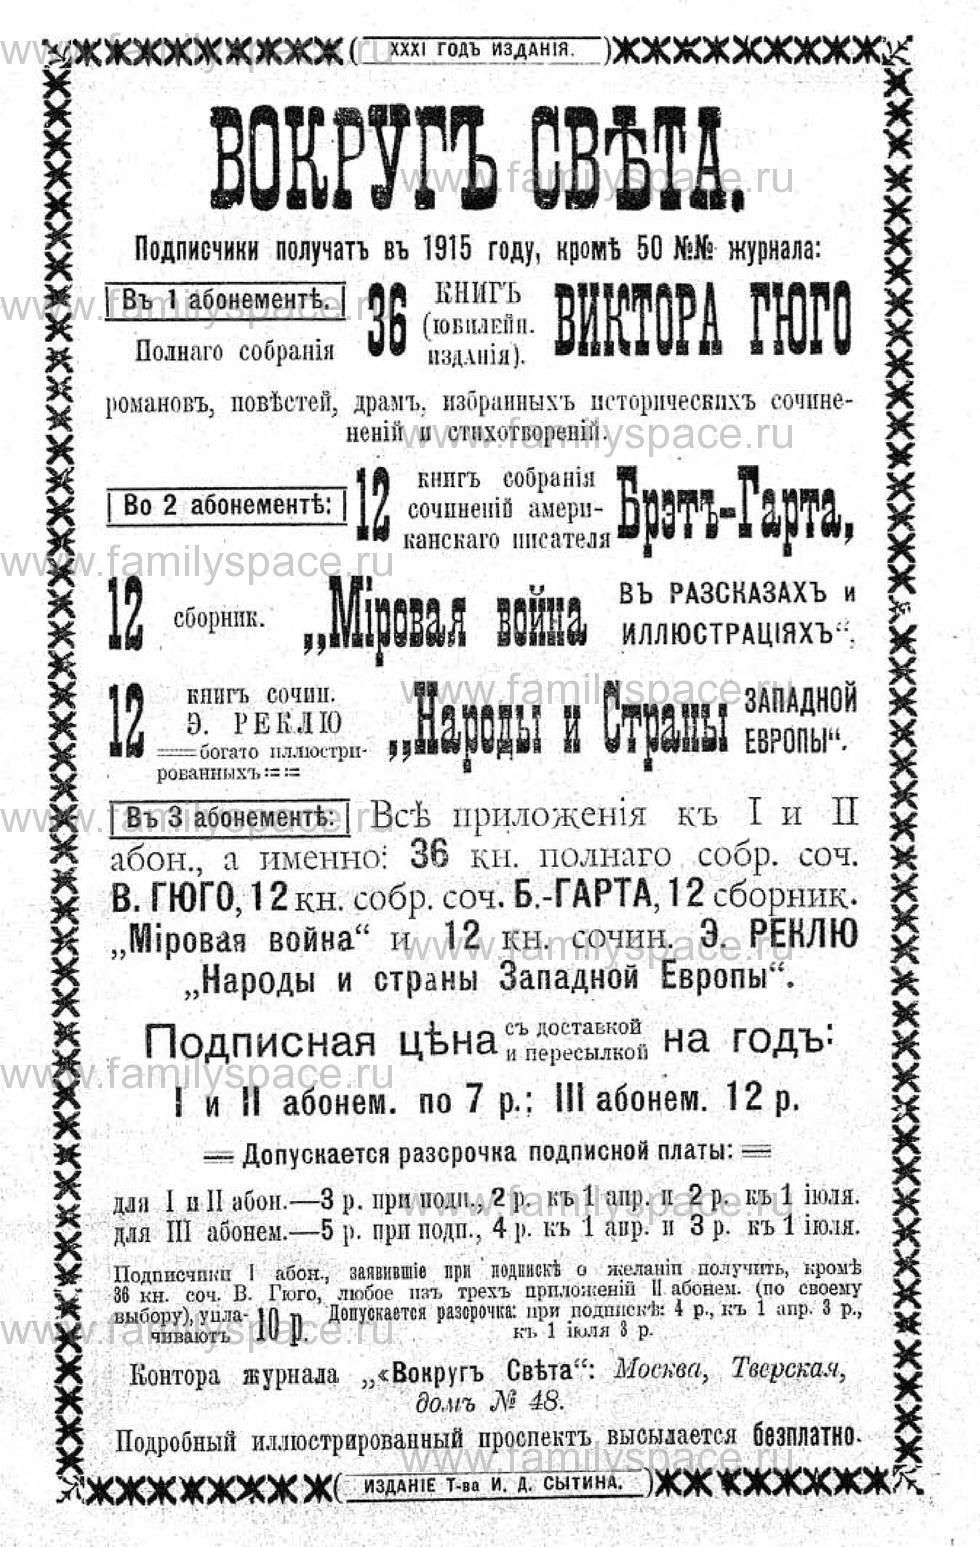 Поиск по фамилии - Памятная книжка Воронежской губернии на 1915 год, страница 6007